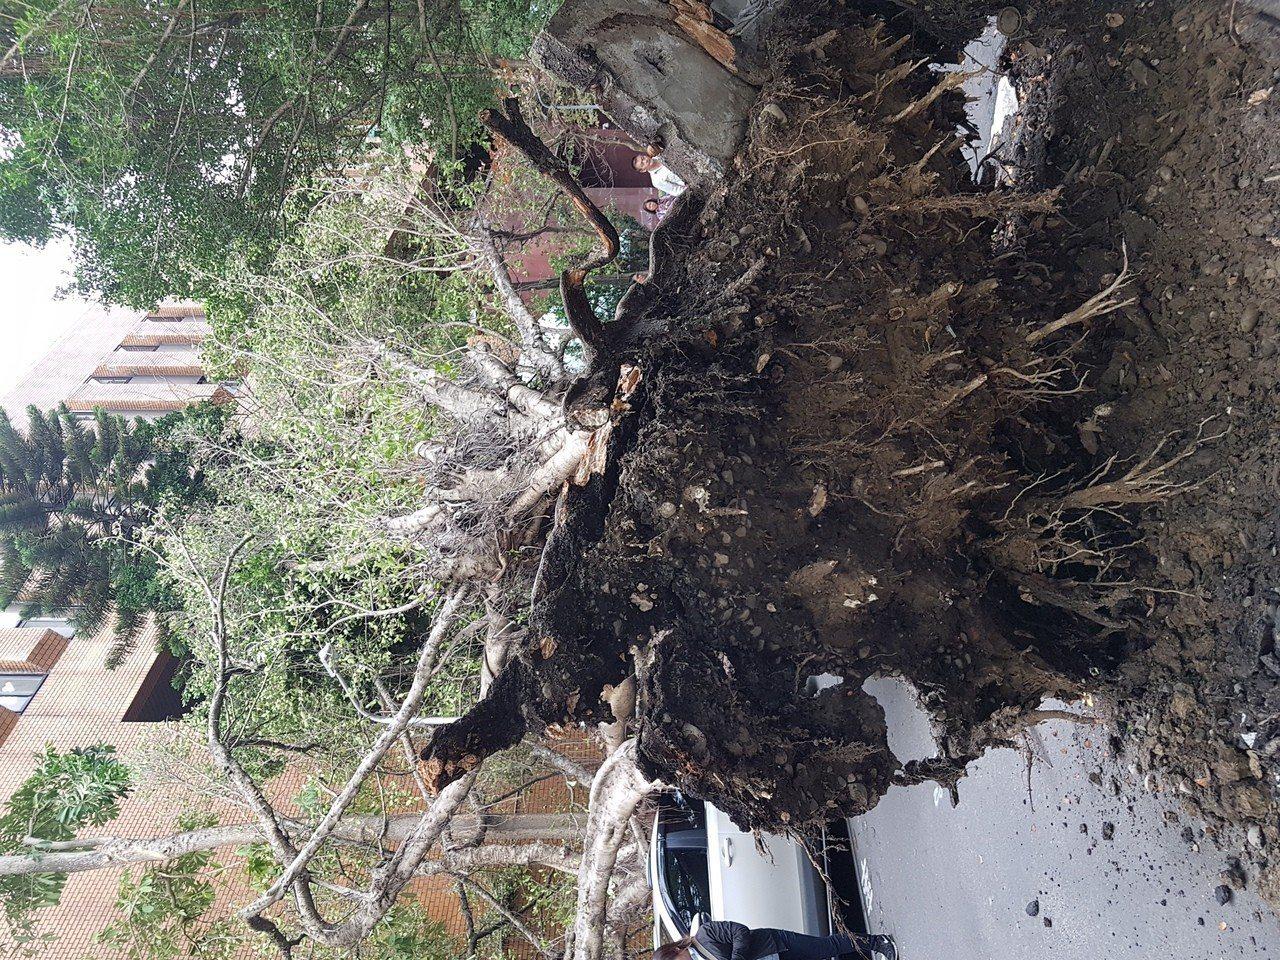 法務部與中華民國北美事務協調委員會中間的巷道,一棵巨大的榕樹突然傾倒,壓到停在停...